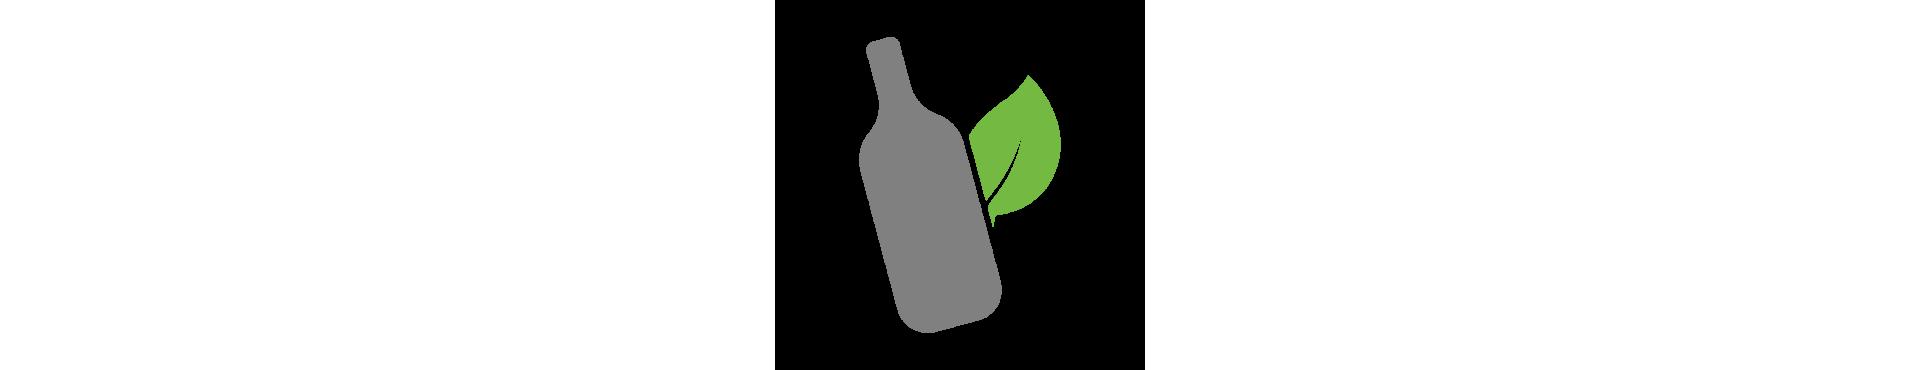 Bevande in bottiglia